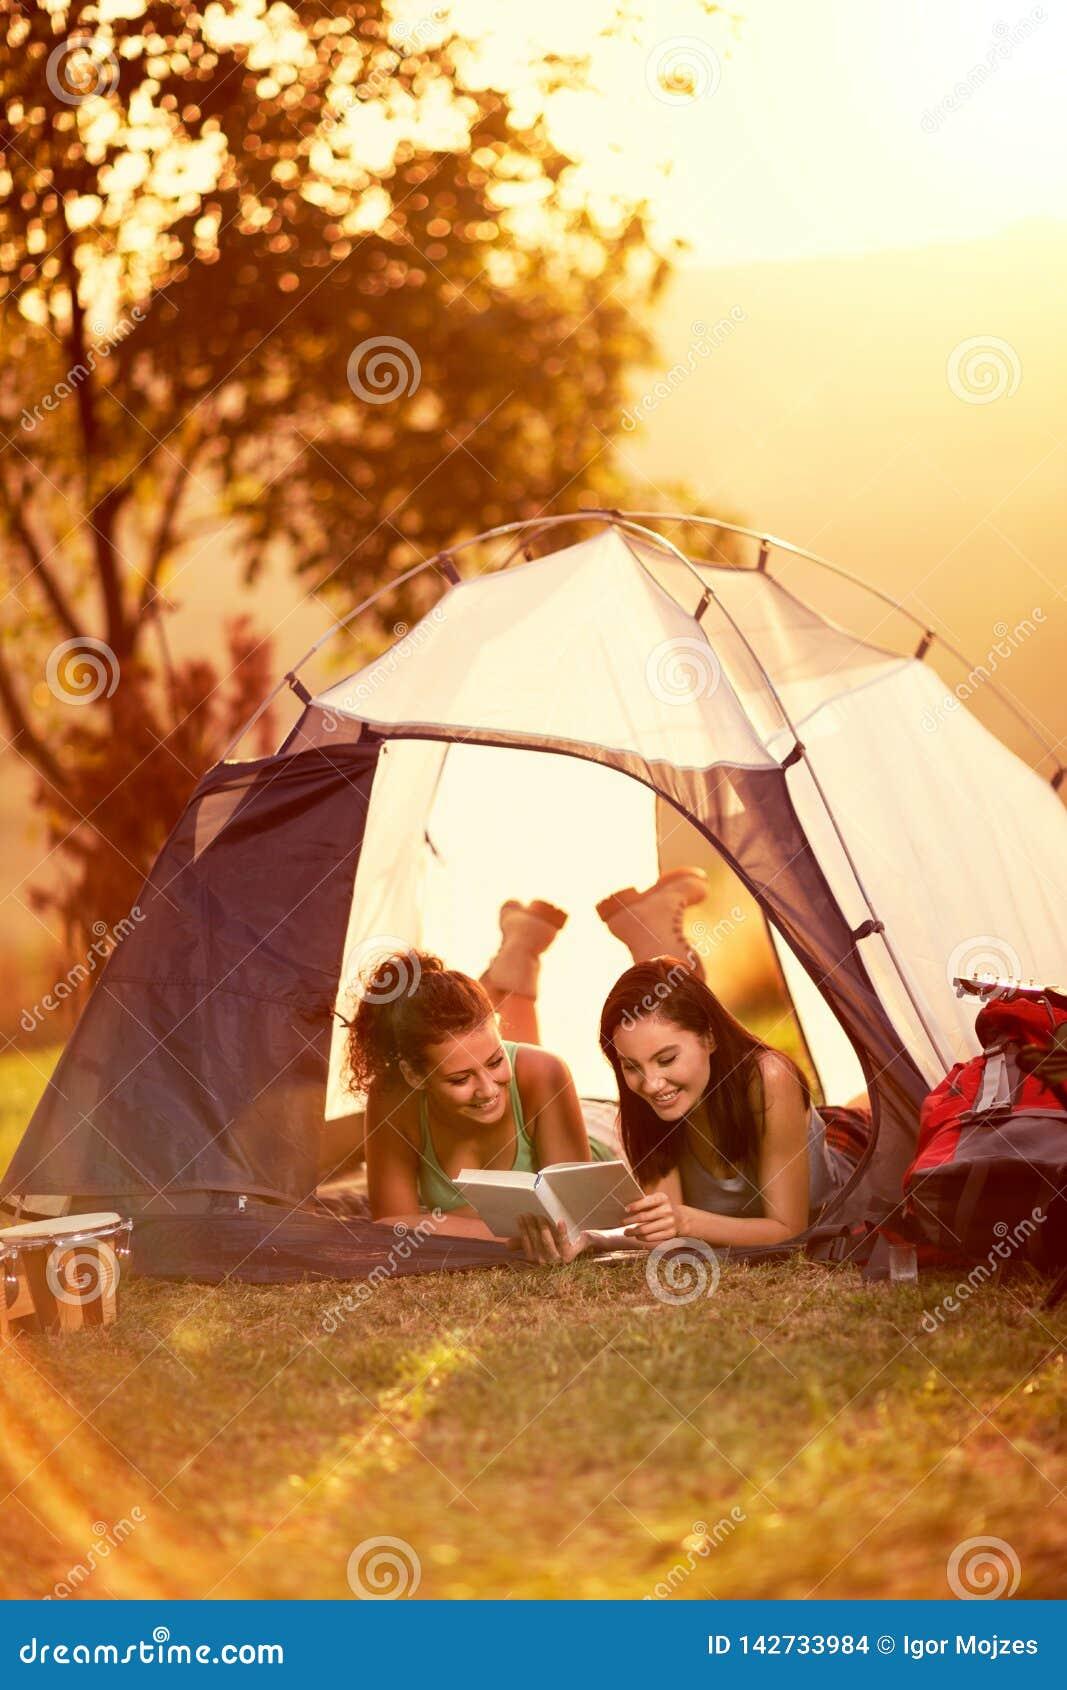 Two girlfriends enjoying in camping trip